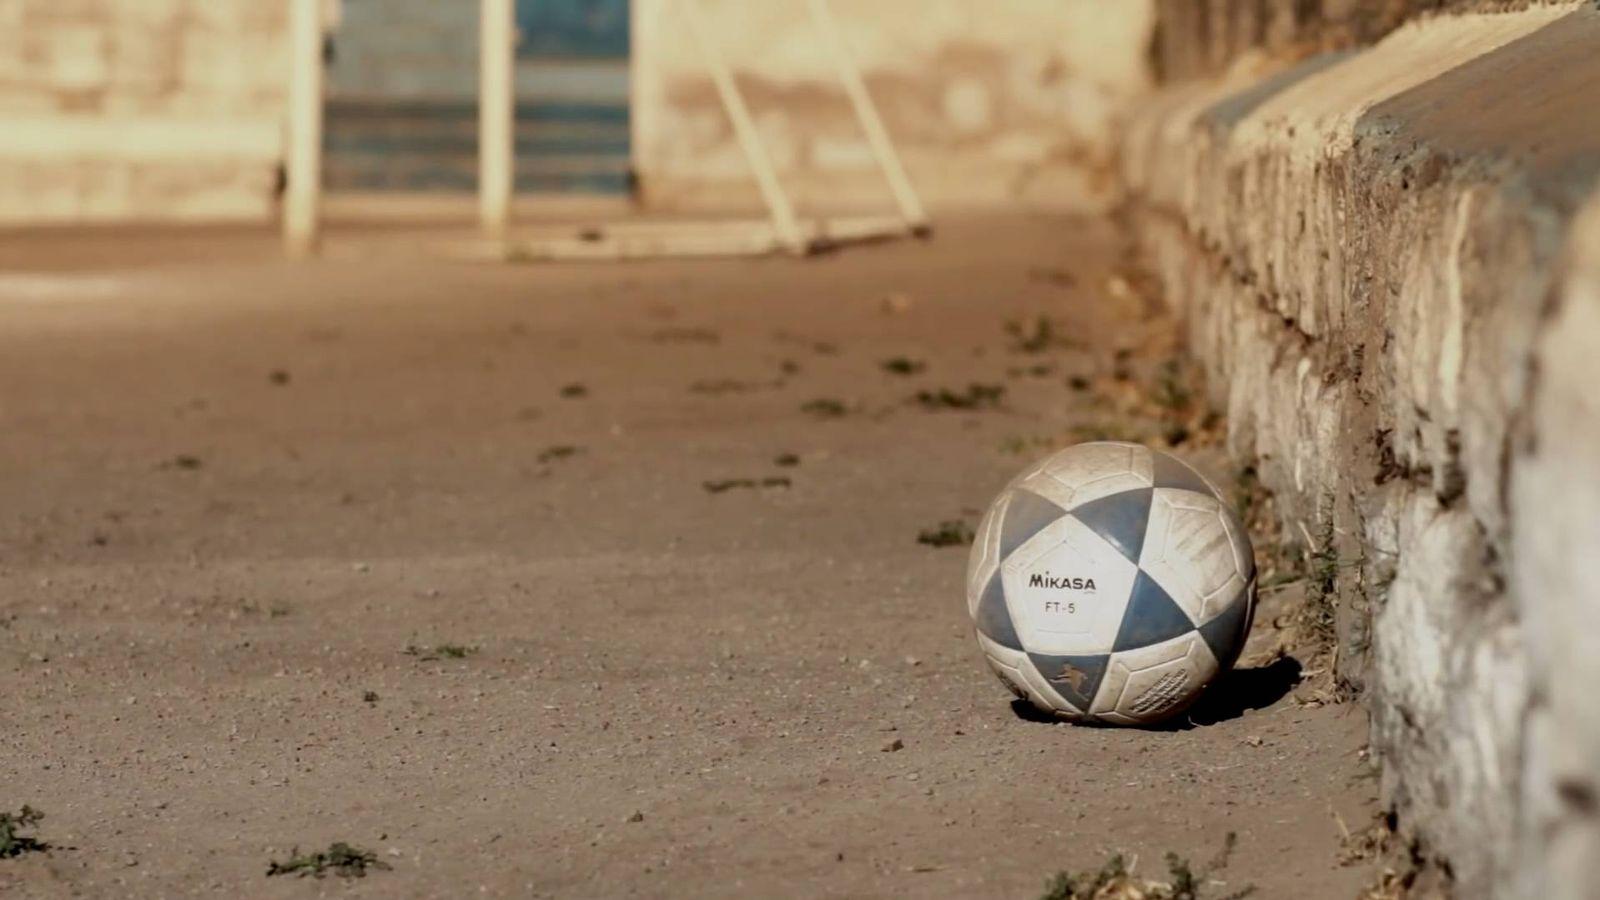 Fútbol  Hemos preguntado a Mikasa por qué son tan duros sus balones  y ya  sabemos su secreto 8ec910f9d00e3